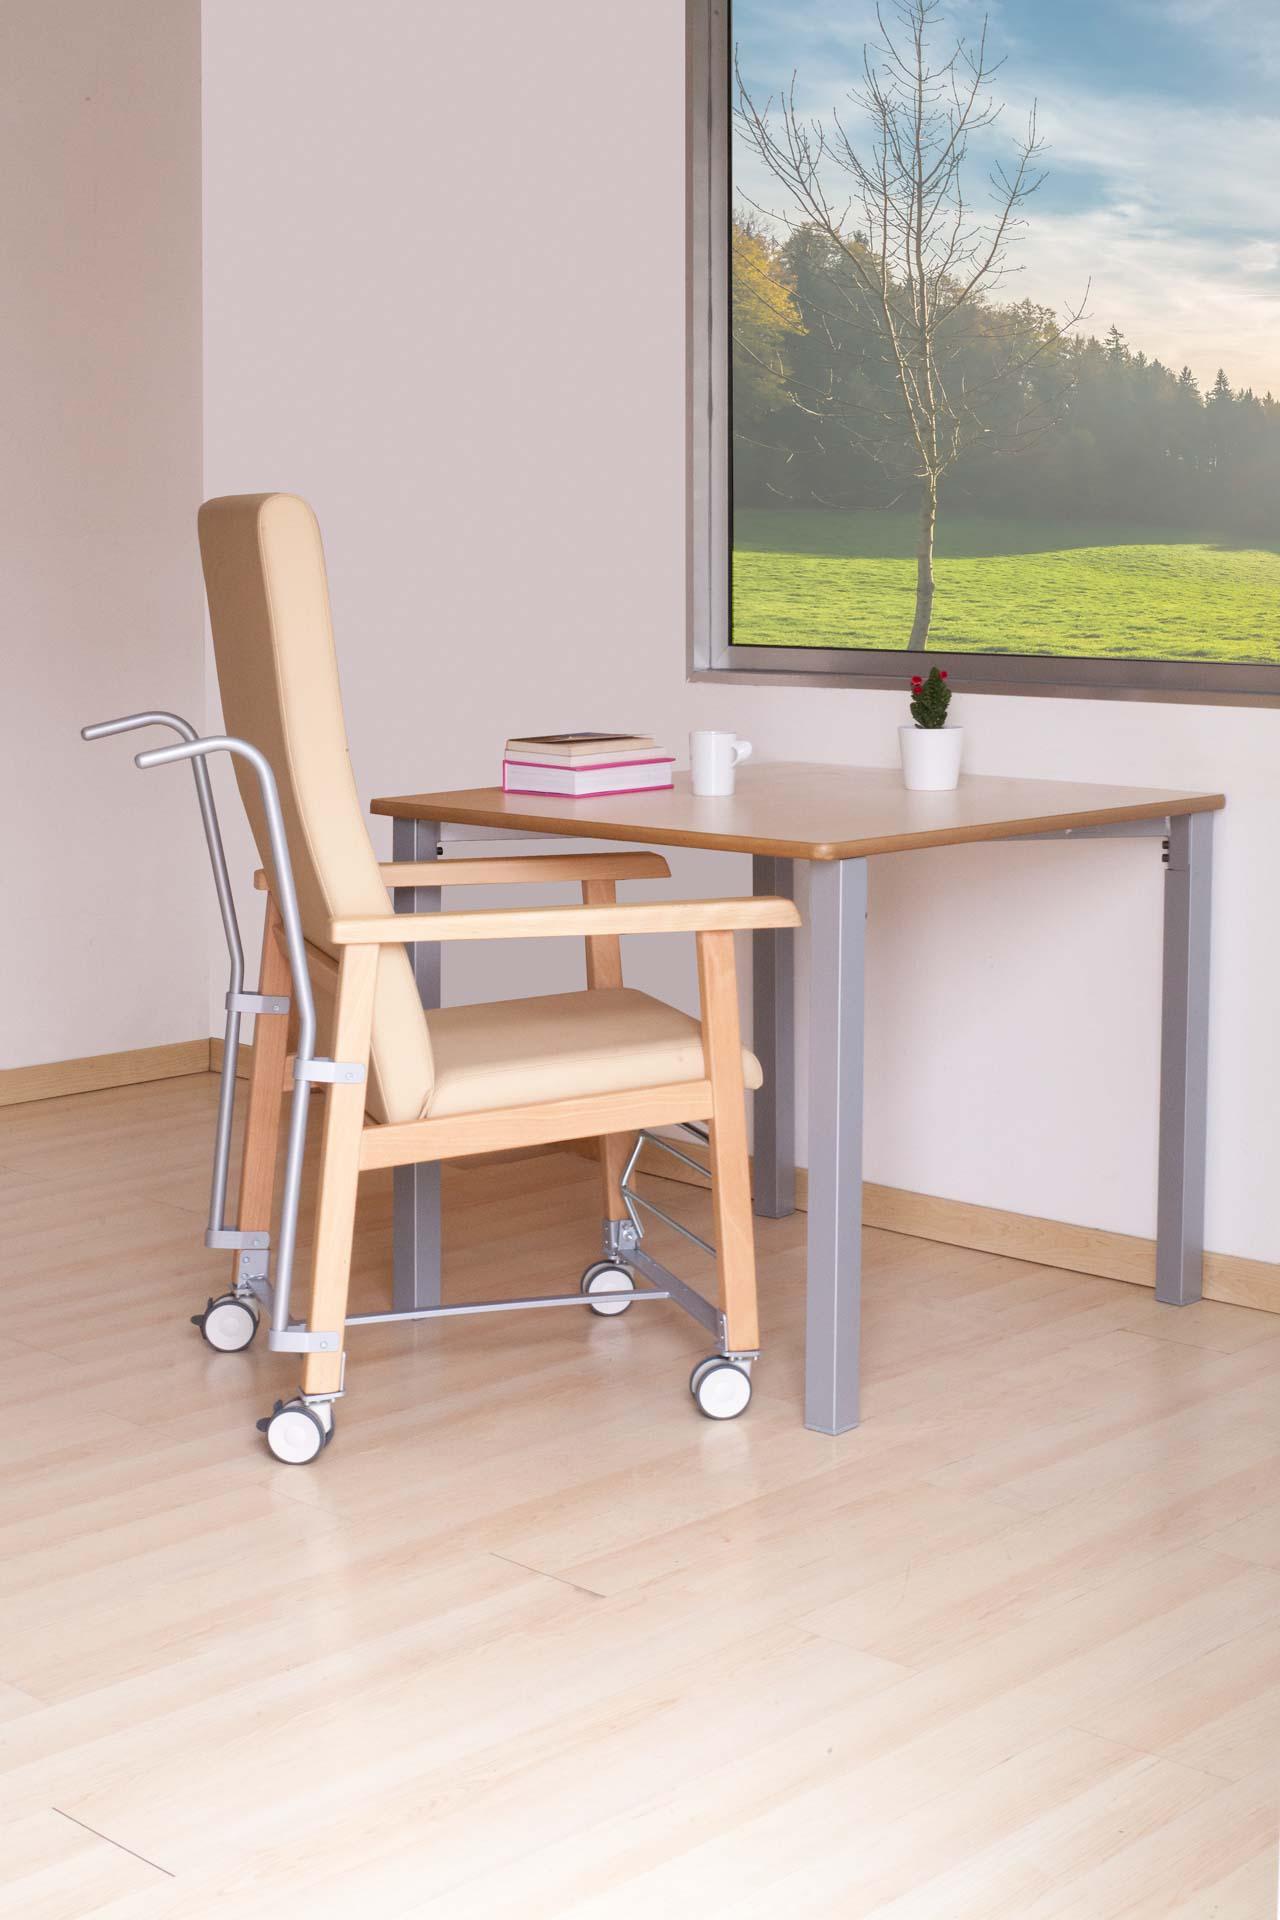 Mesas y mobiliario de instalación geriátrica de la colección HIEDRA